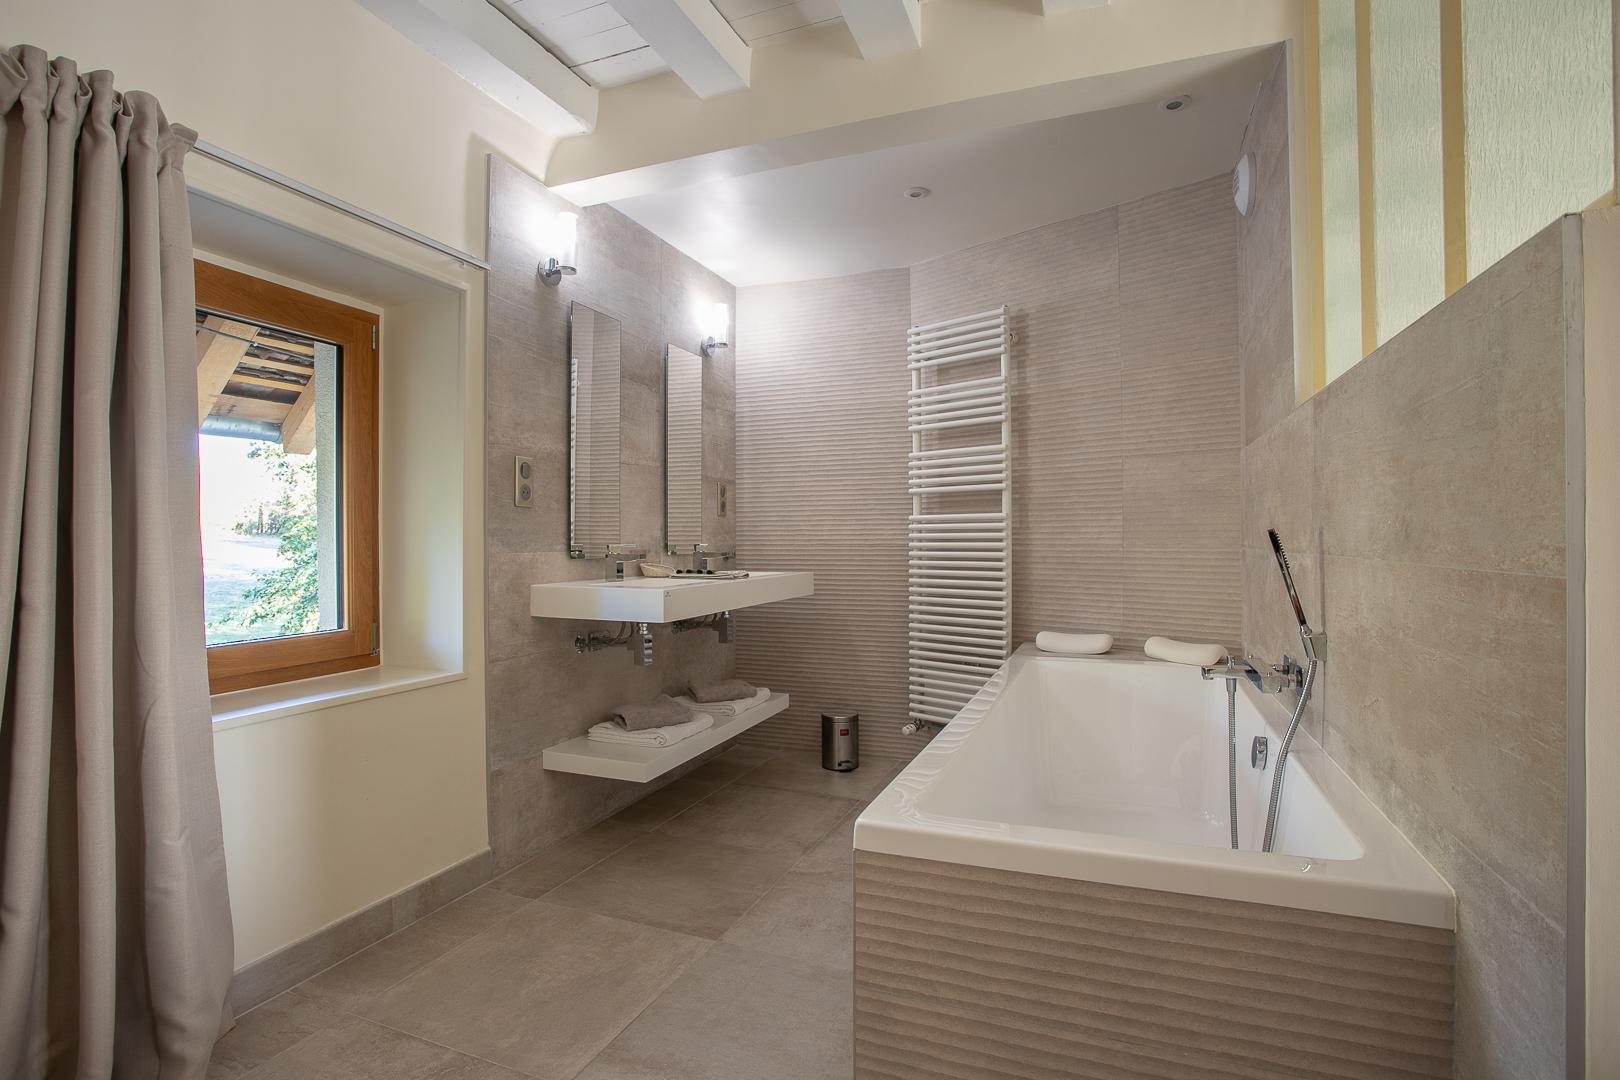 Chambre Coulanges, la salle de bains